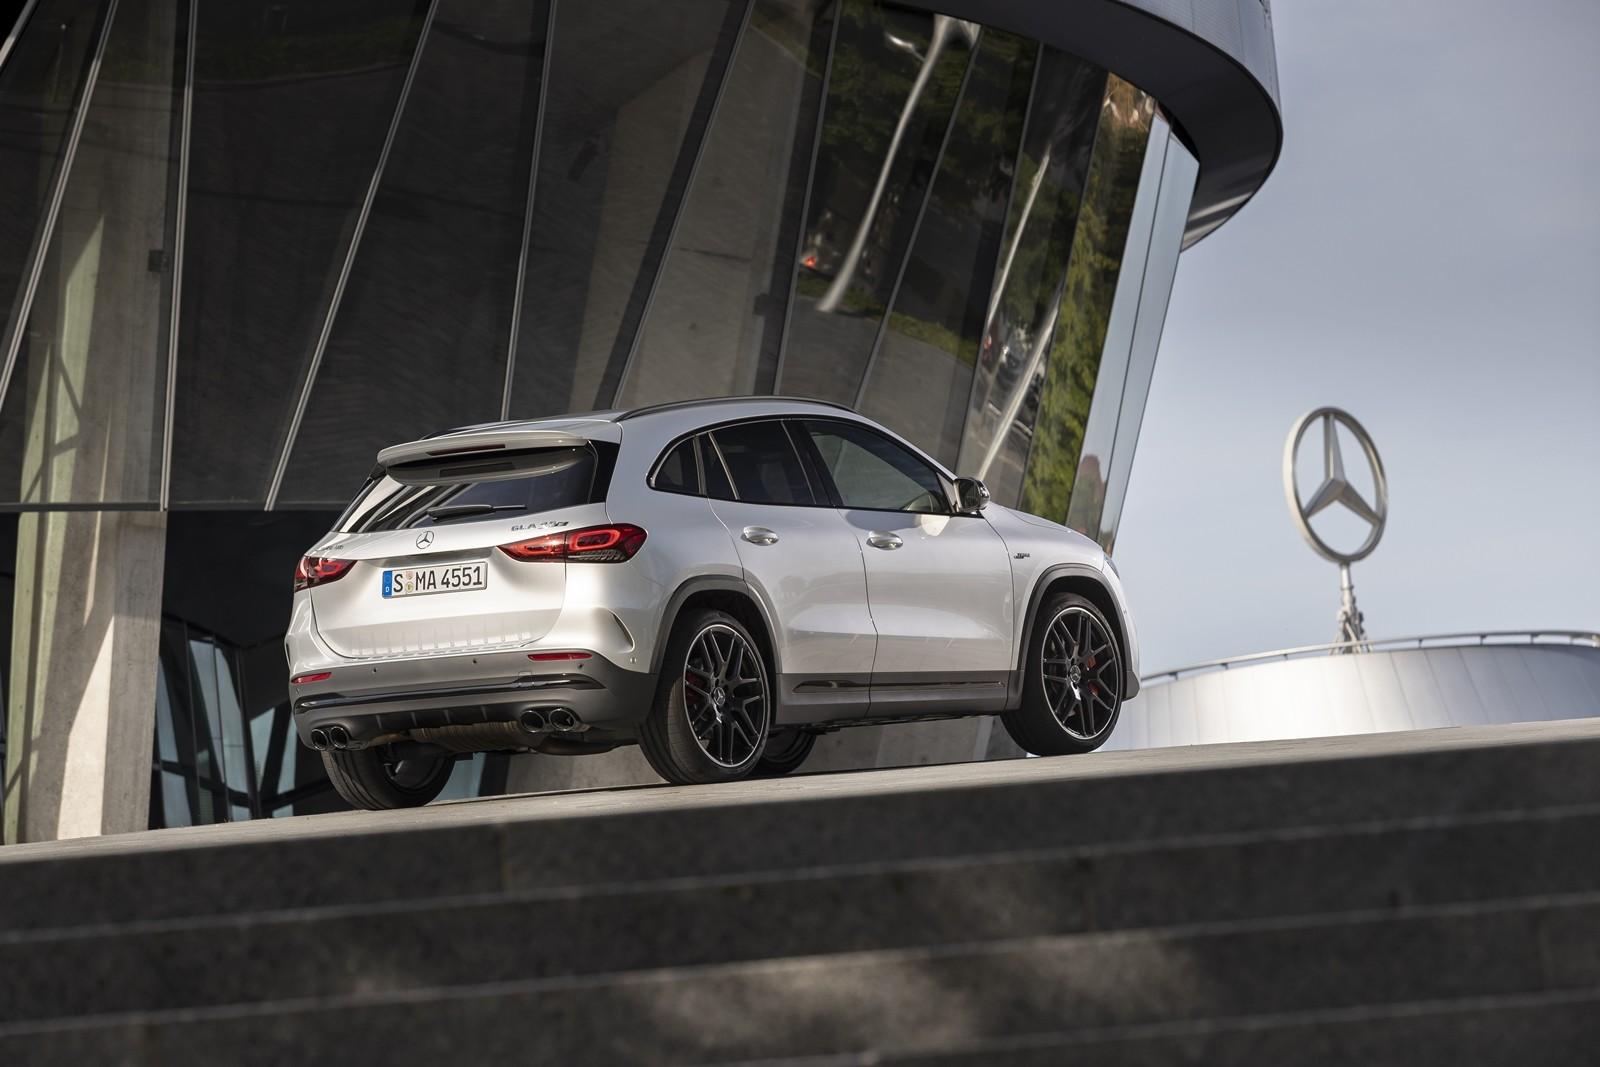 Mercedes-AMG GLA 45 S 2020